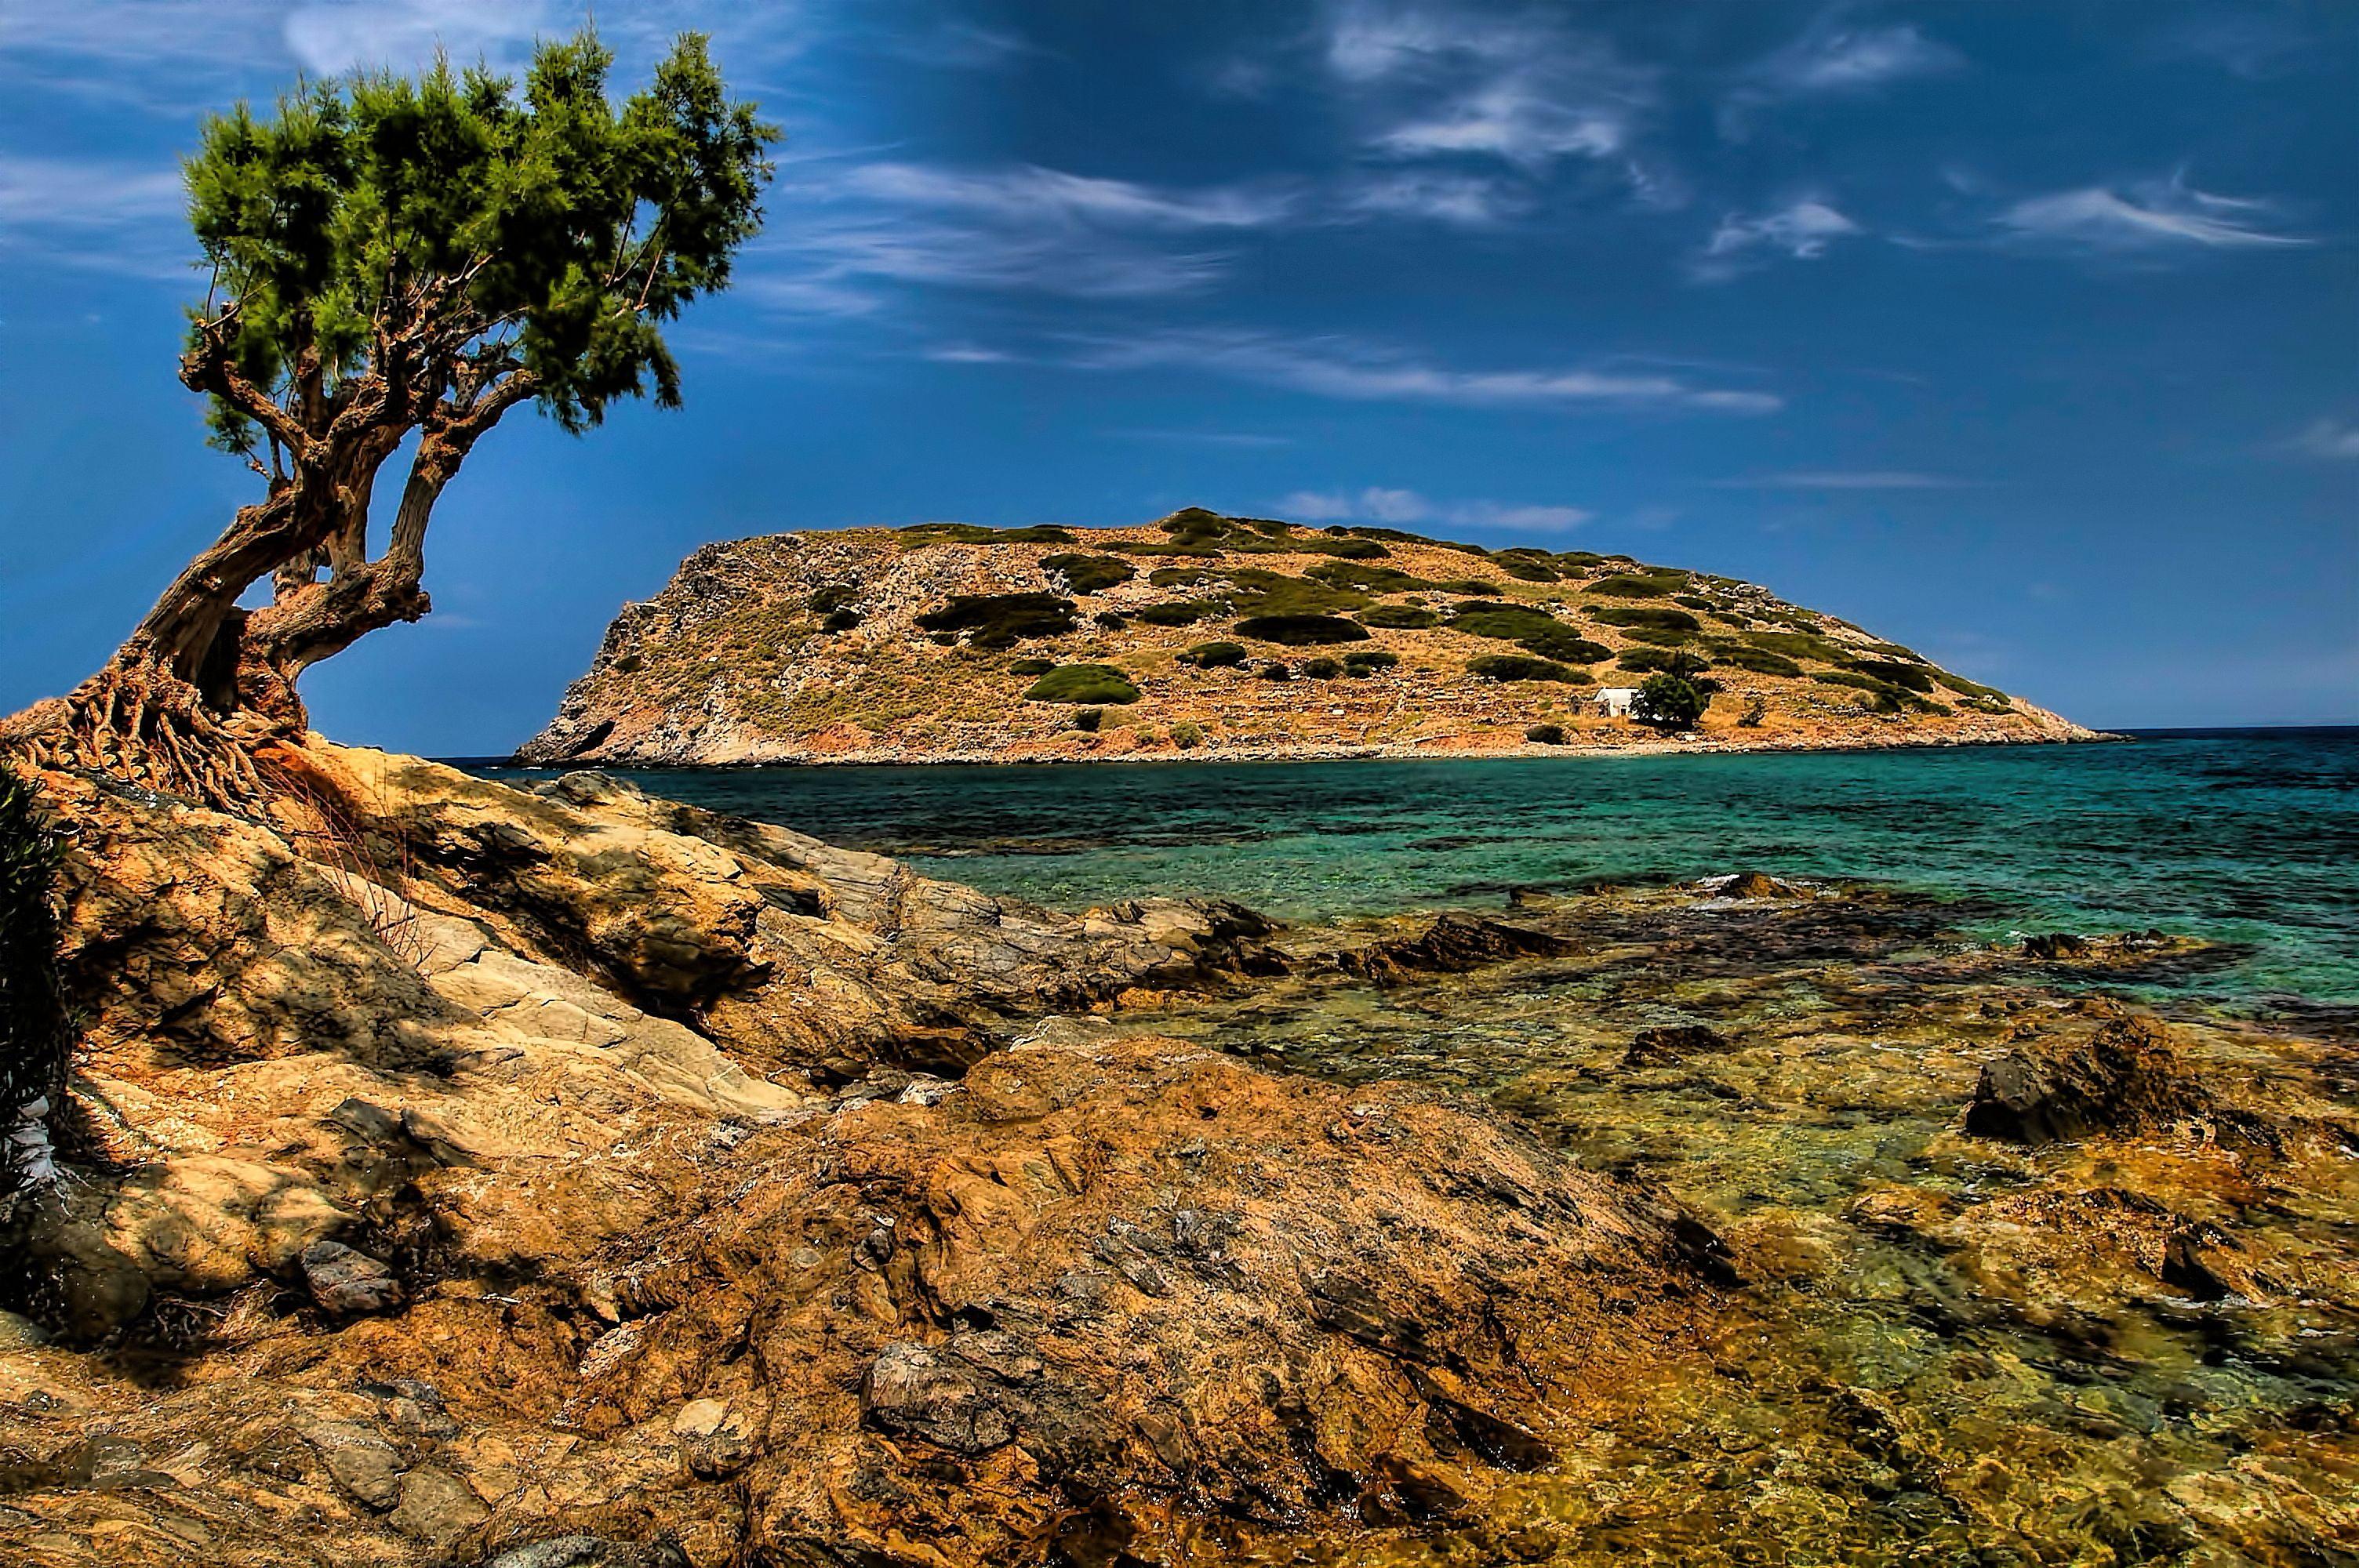 Green leaf tree near body of water mochlos crete HD wallpaper 3008x2000